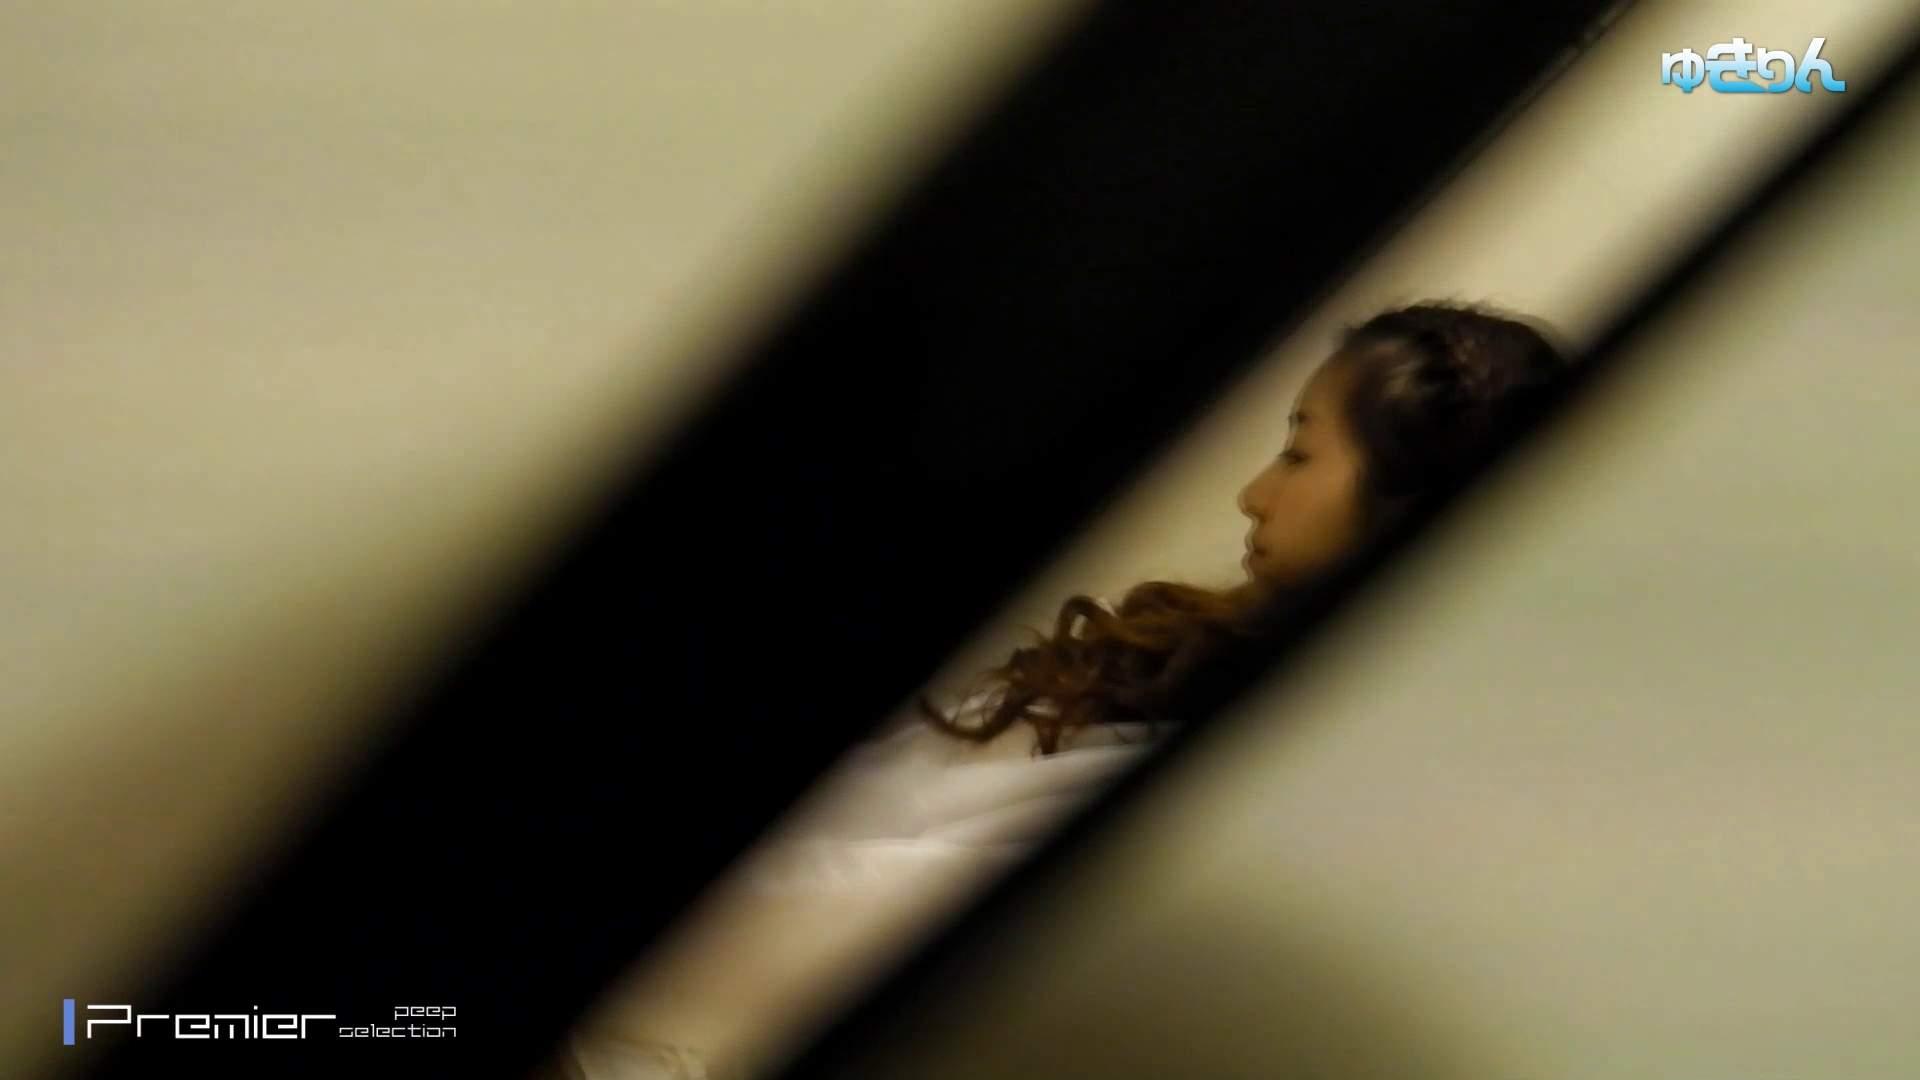 新世界の射窓 No89 あの有名のショーに出ているモデルが偶然に利用するという 洗面所 | 0  113画像 51